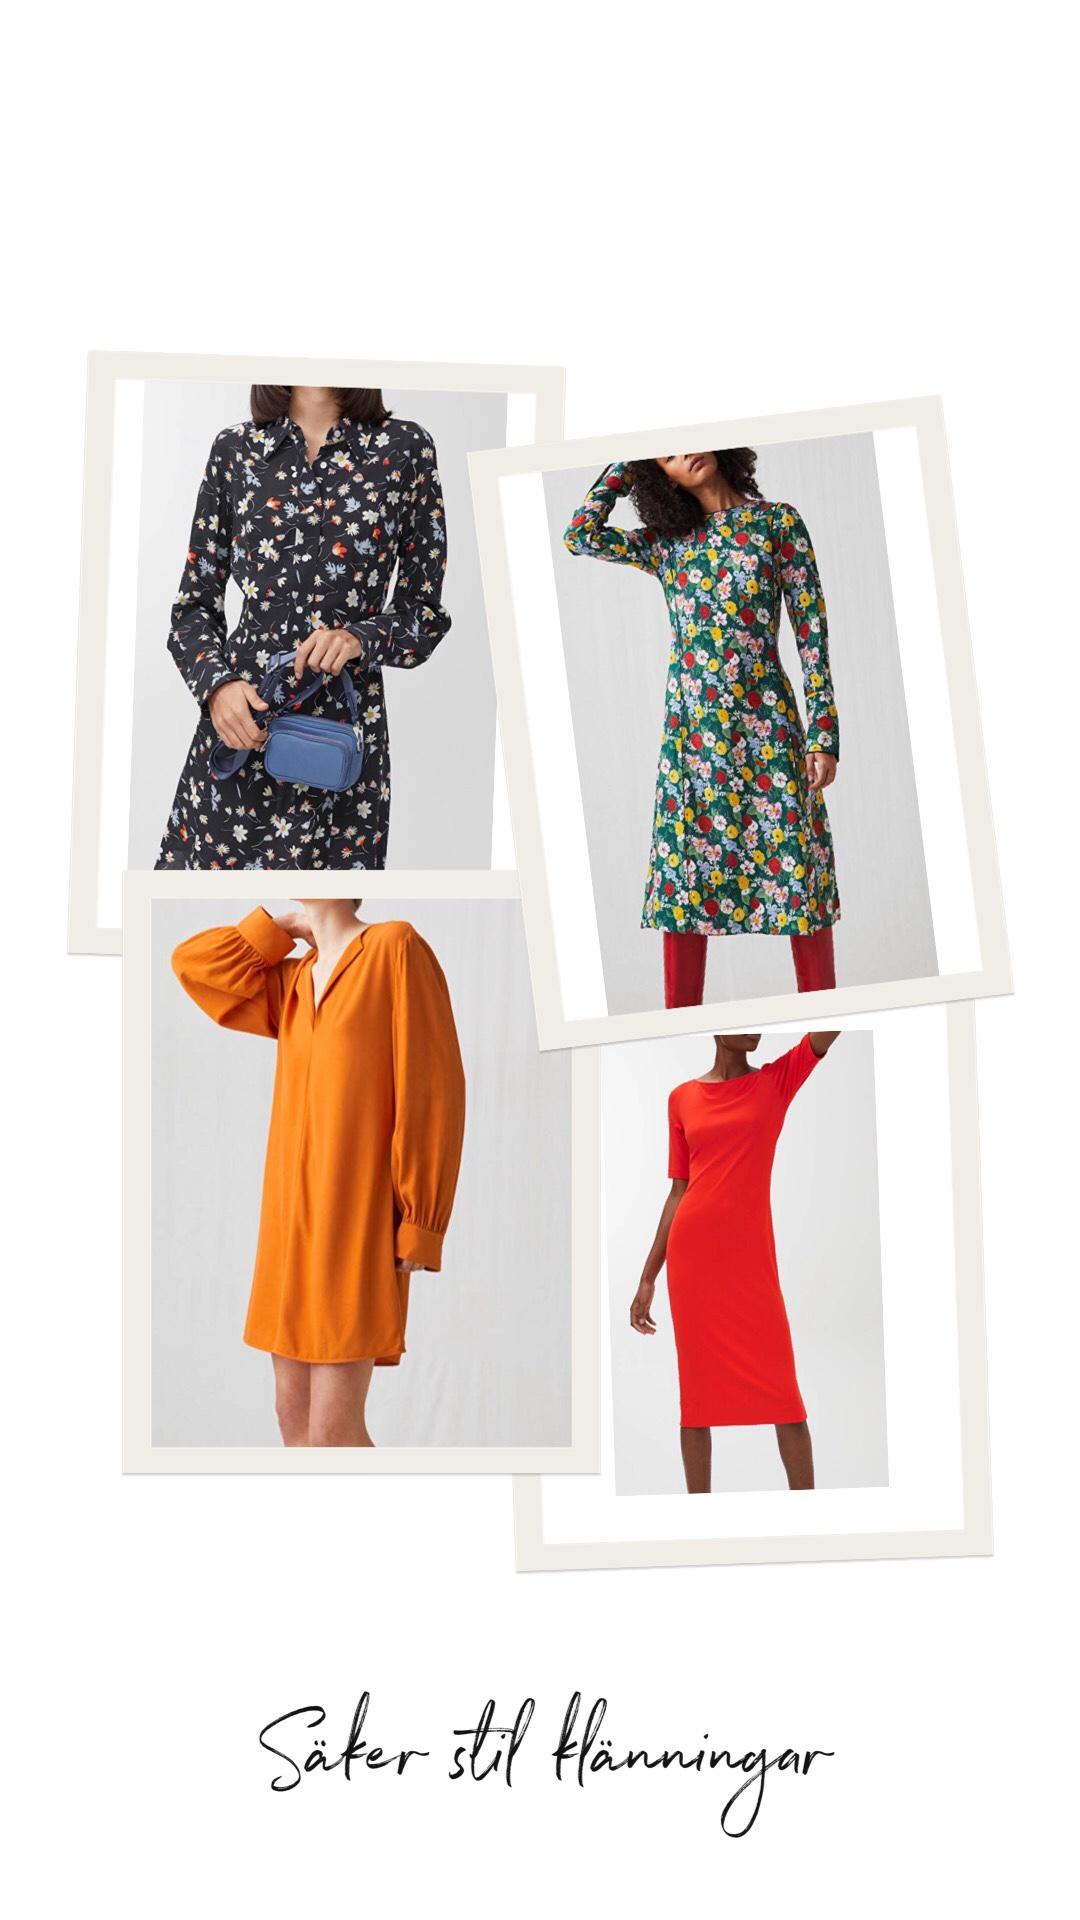 Stilsäkra klänningar